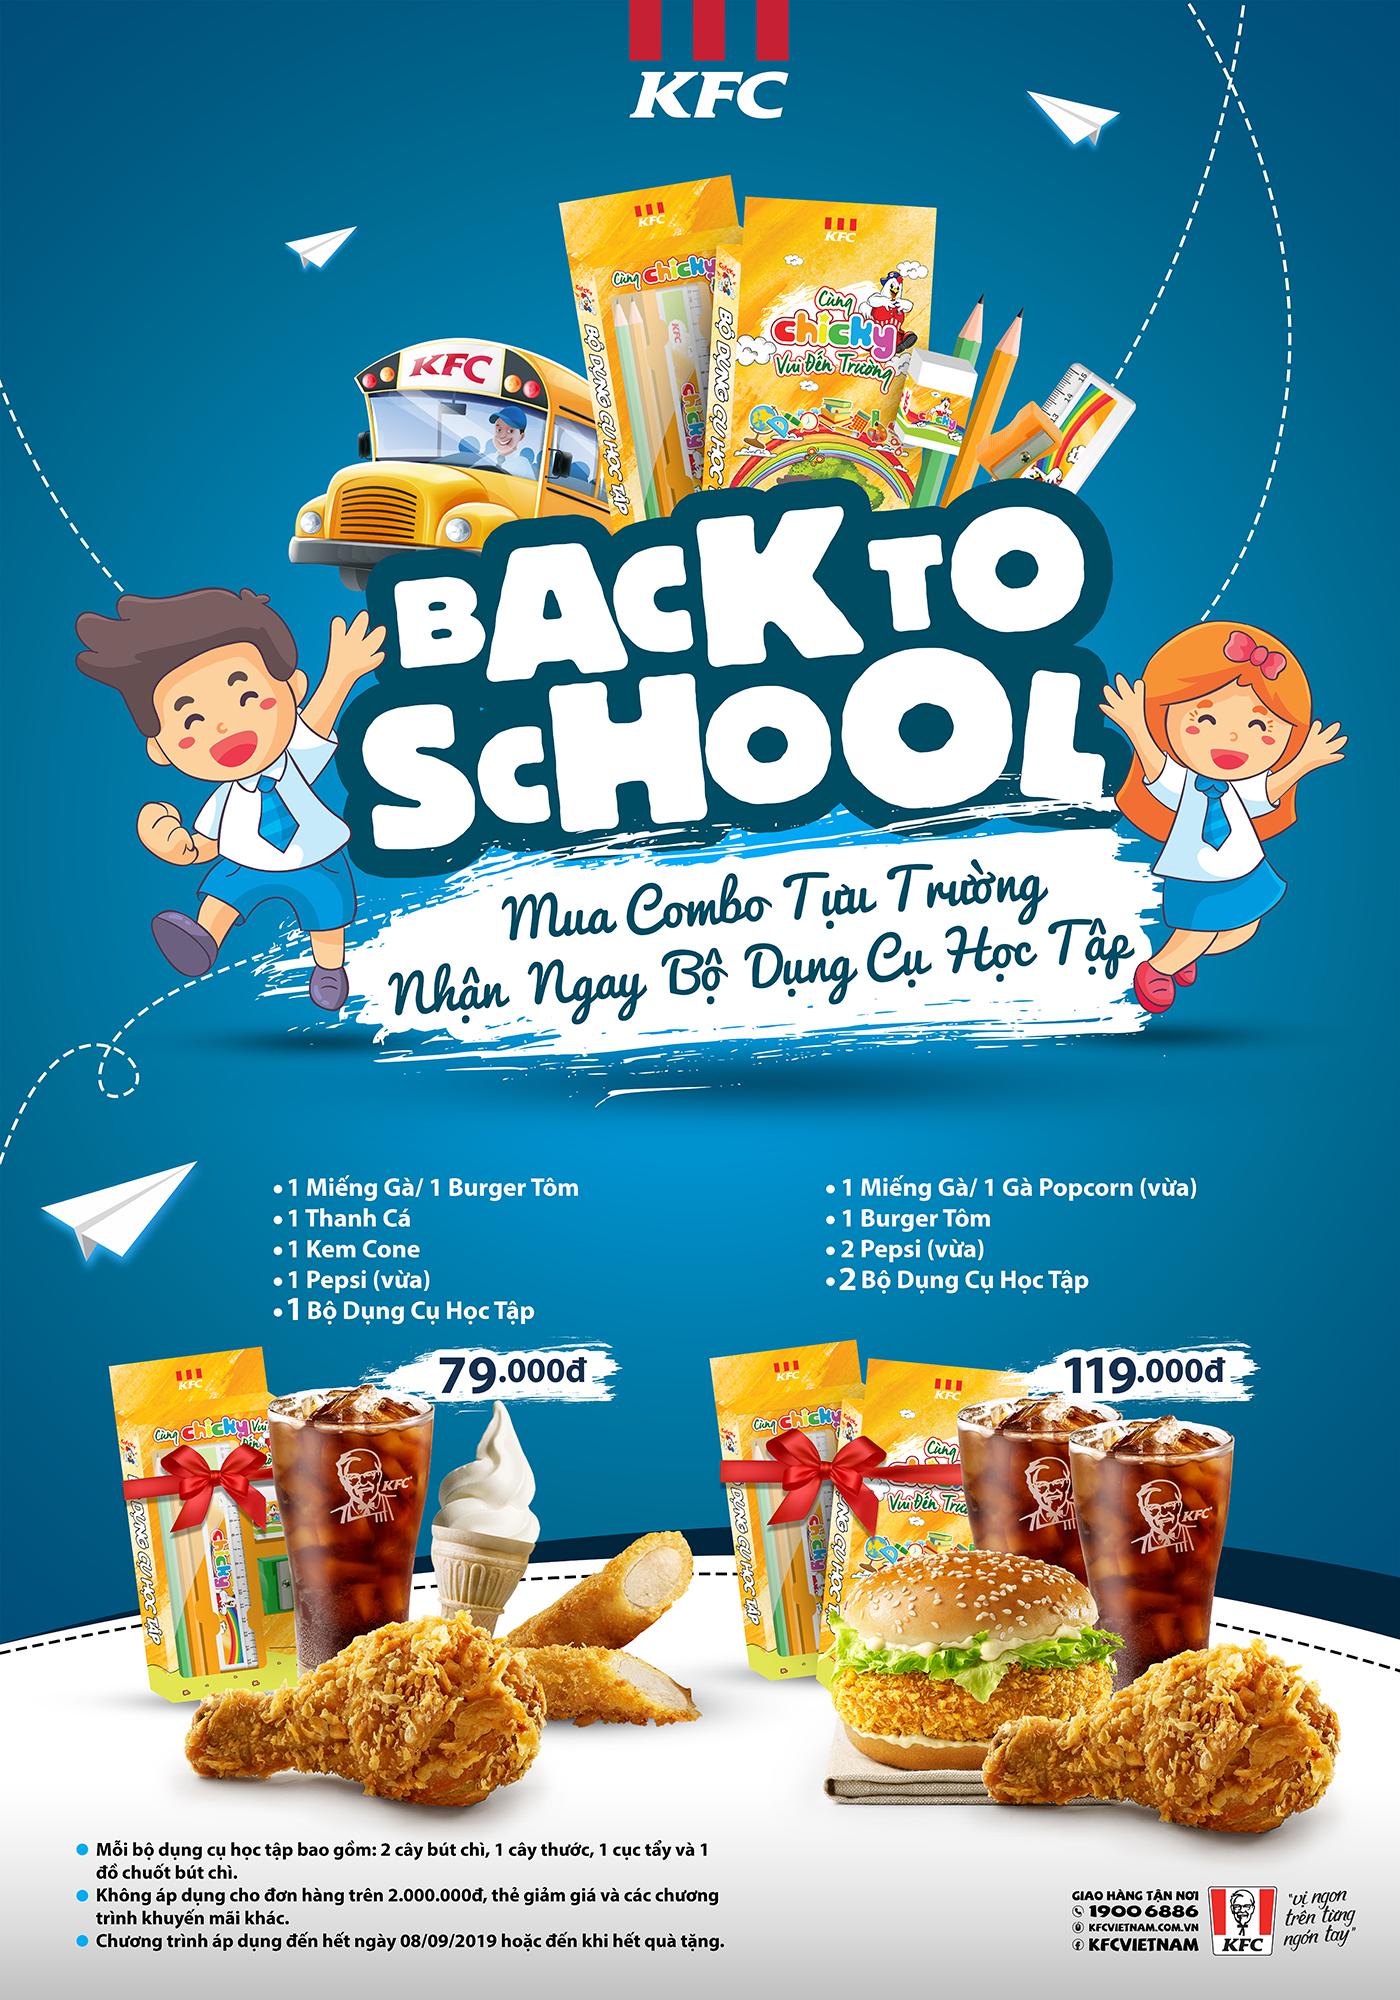 Cùng KFC Vui Đến Trường!!!